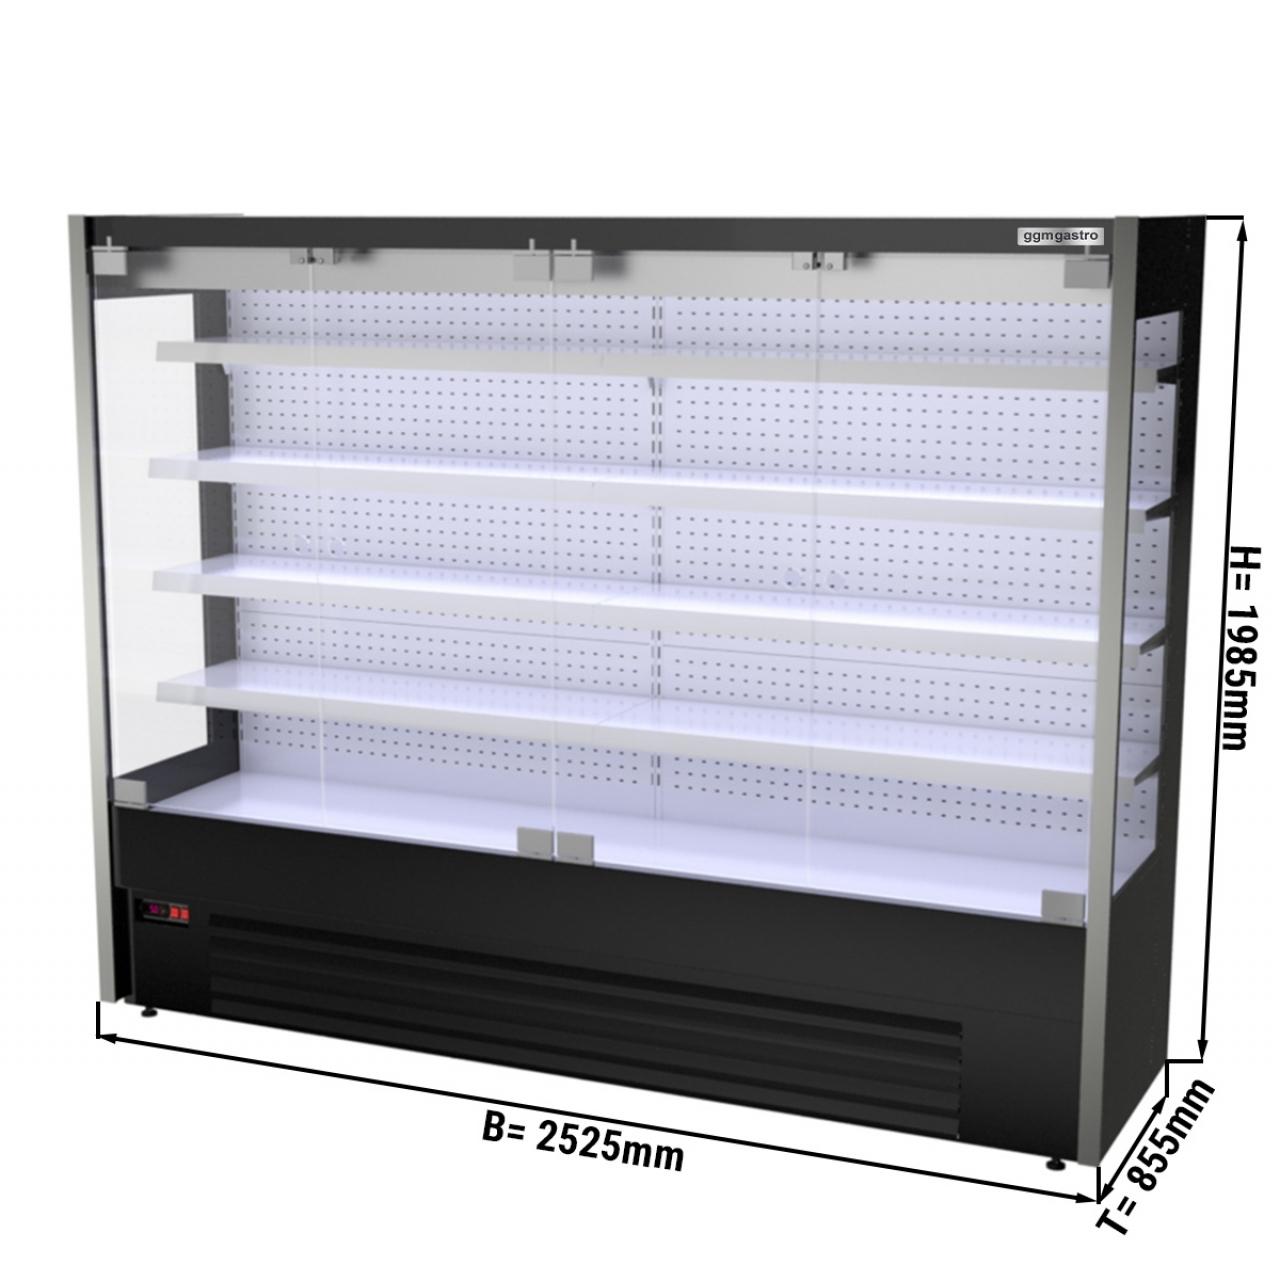 Wandkühlregal - 2,5 x 0,85 m - Schwarz - mit 4 Ablagen - 0,8 TIEF